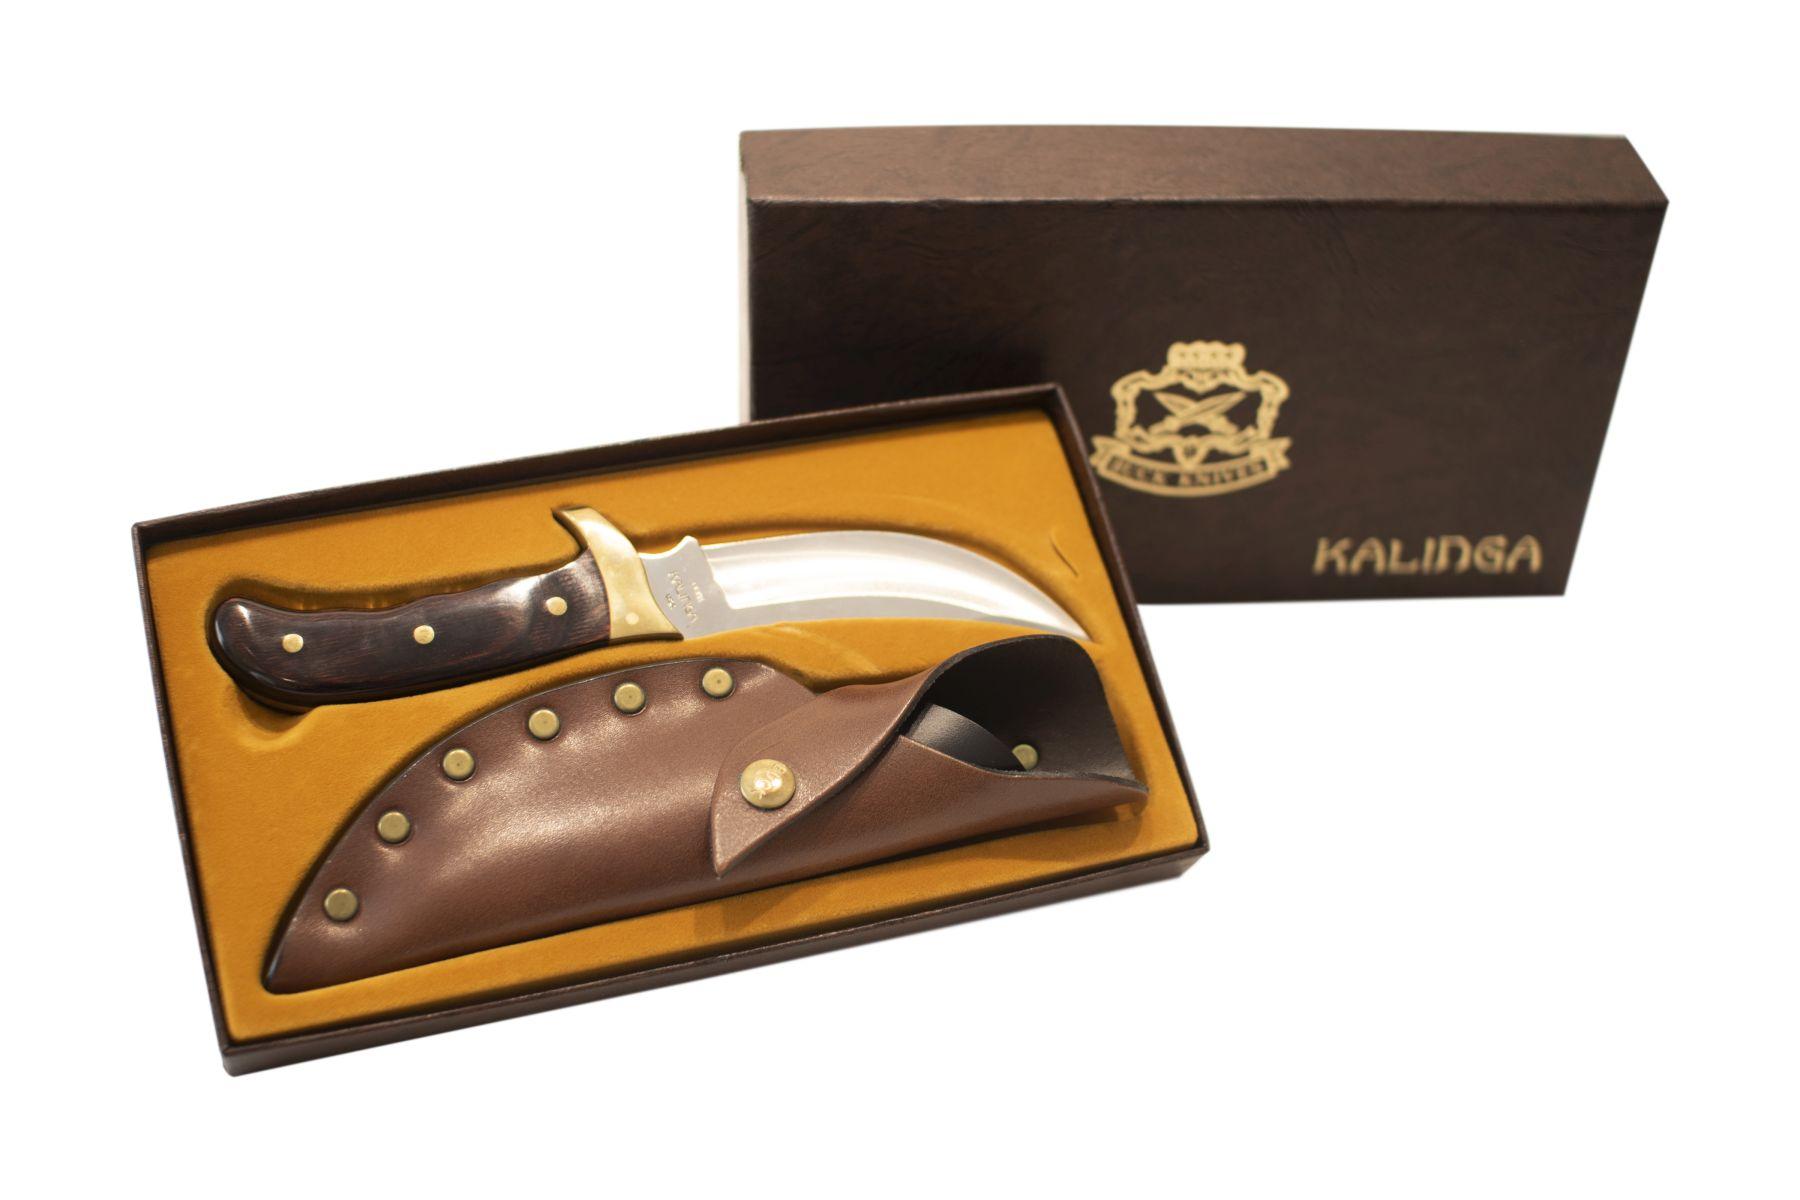 #199 Hunting Knife with Sheath in a Cardboard Box   Jagdmesser mit Scheide in einem Karton Image